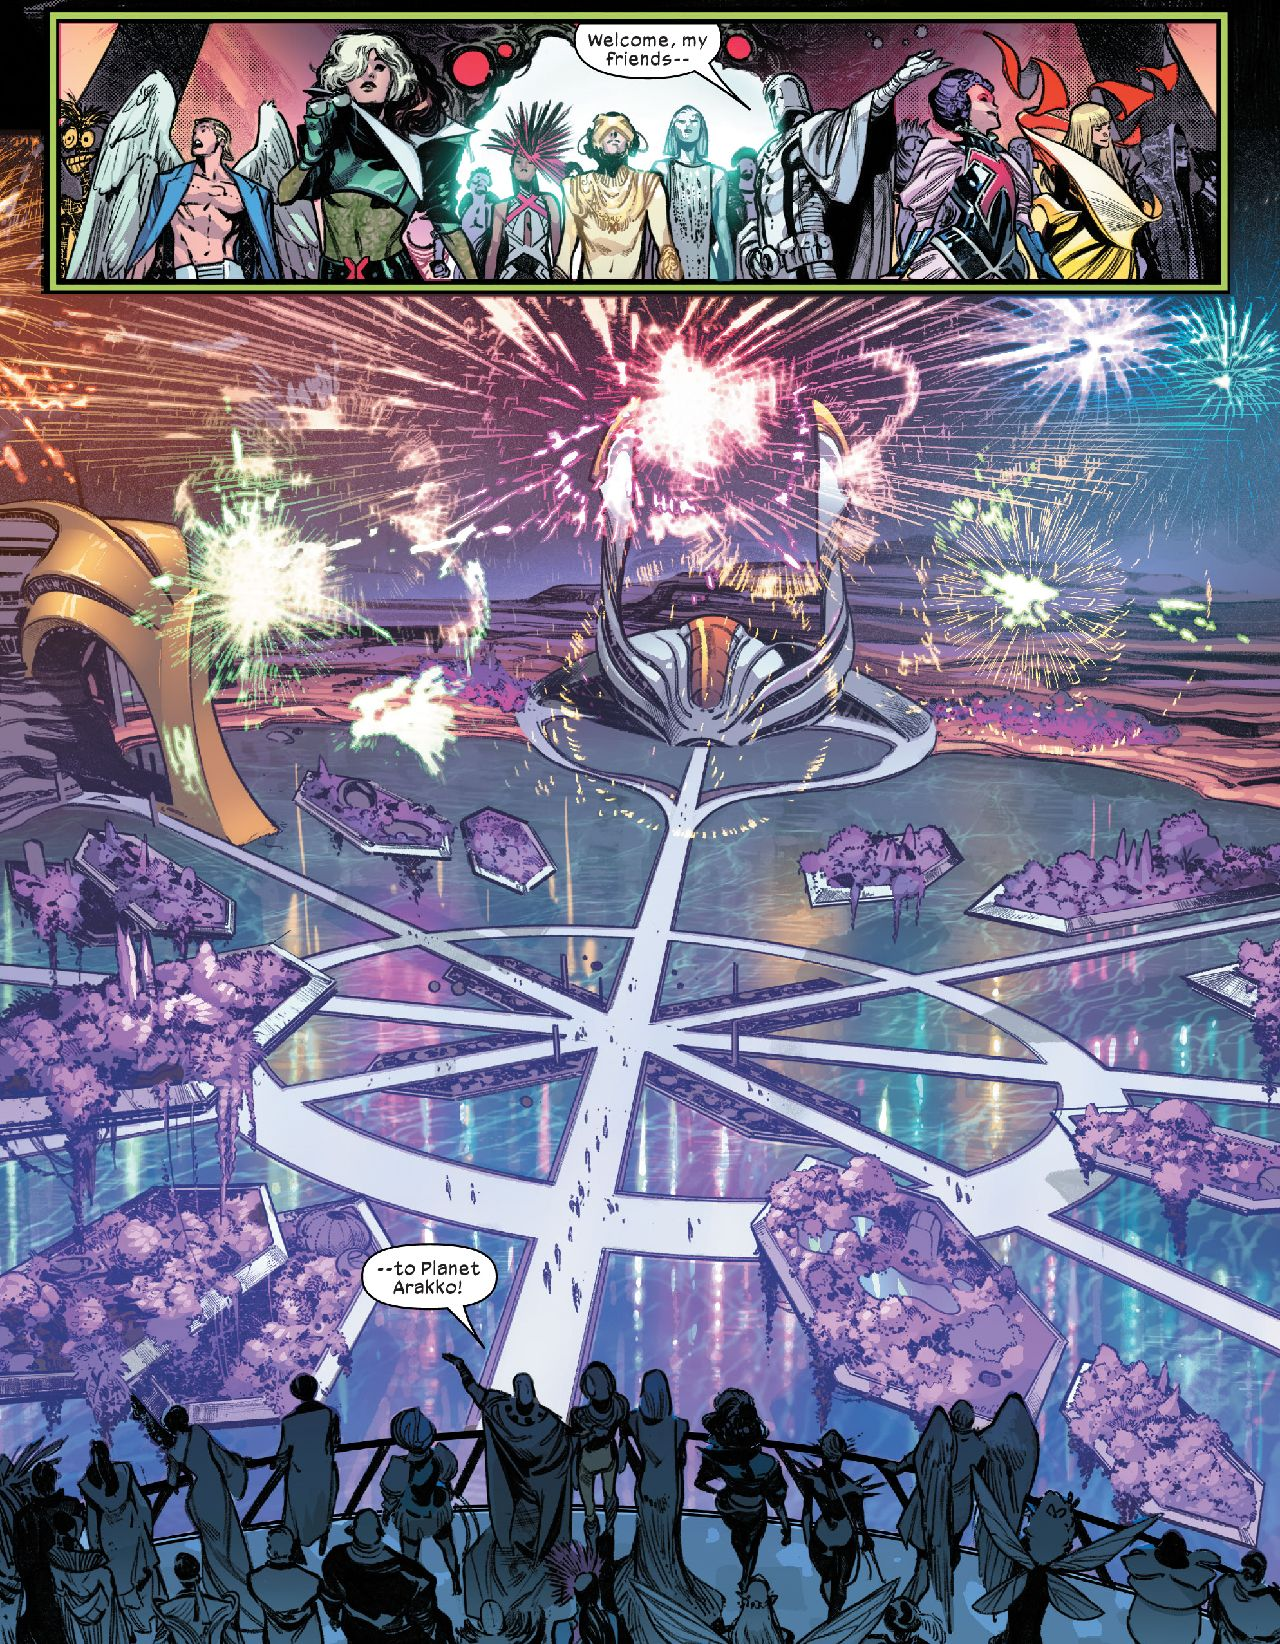 x-men comics marte arakko mutantes